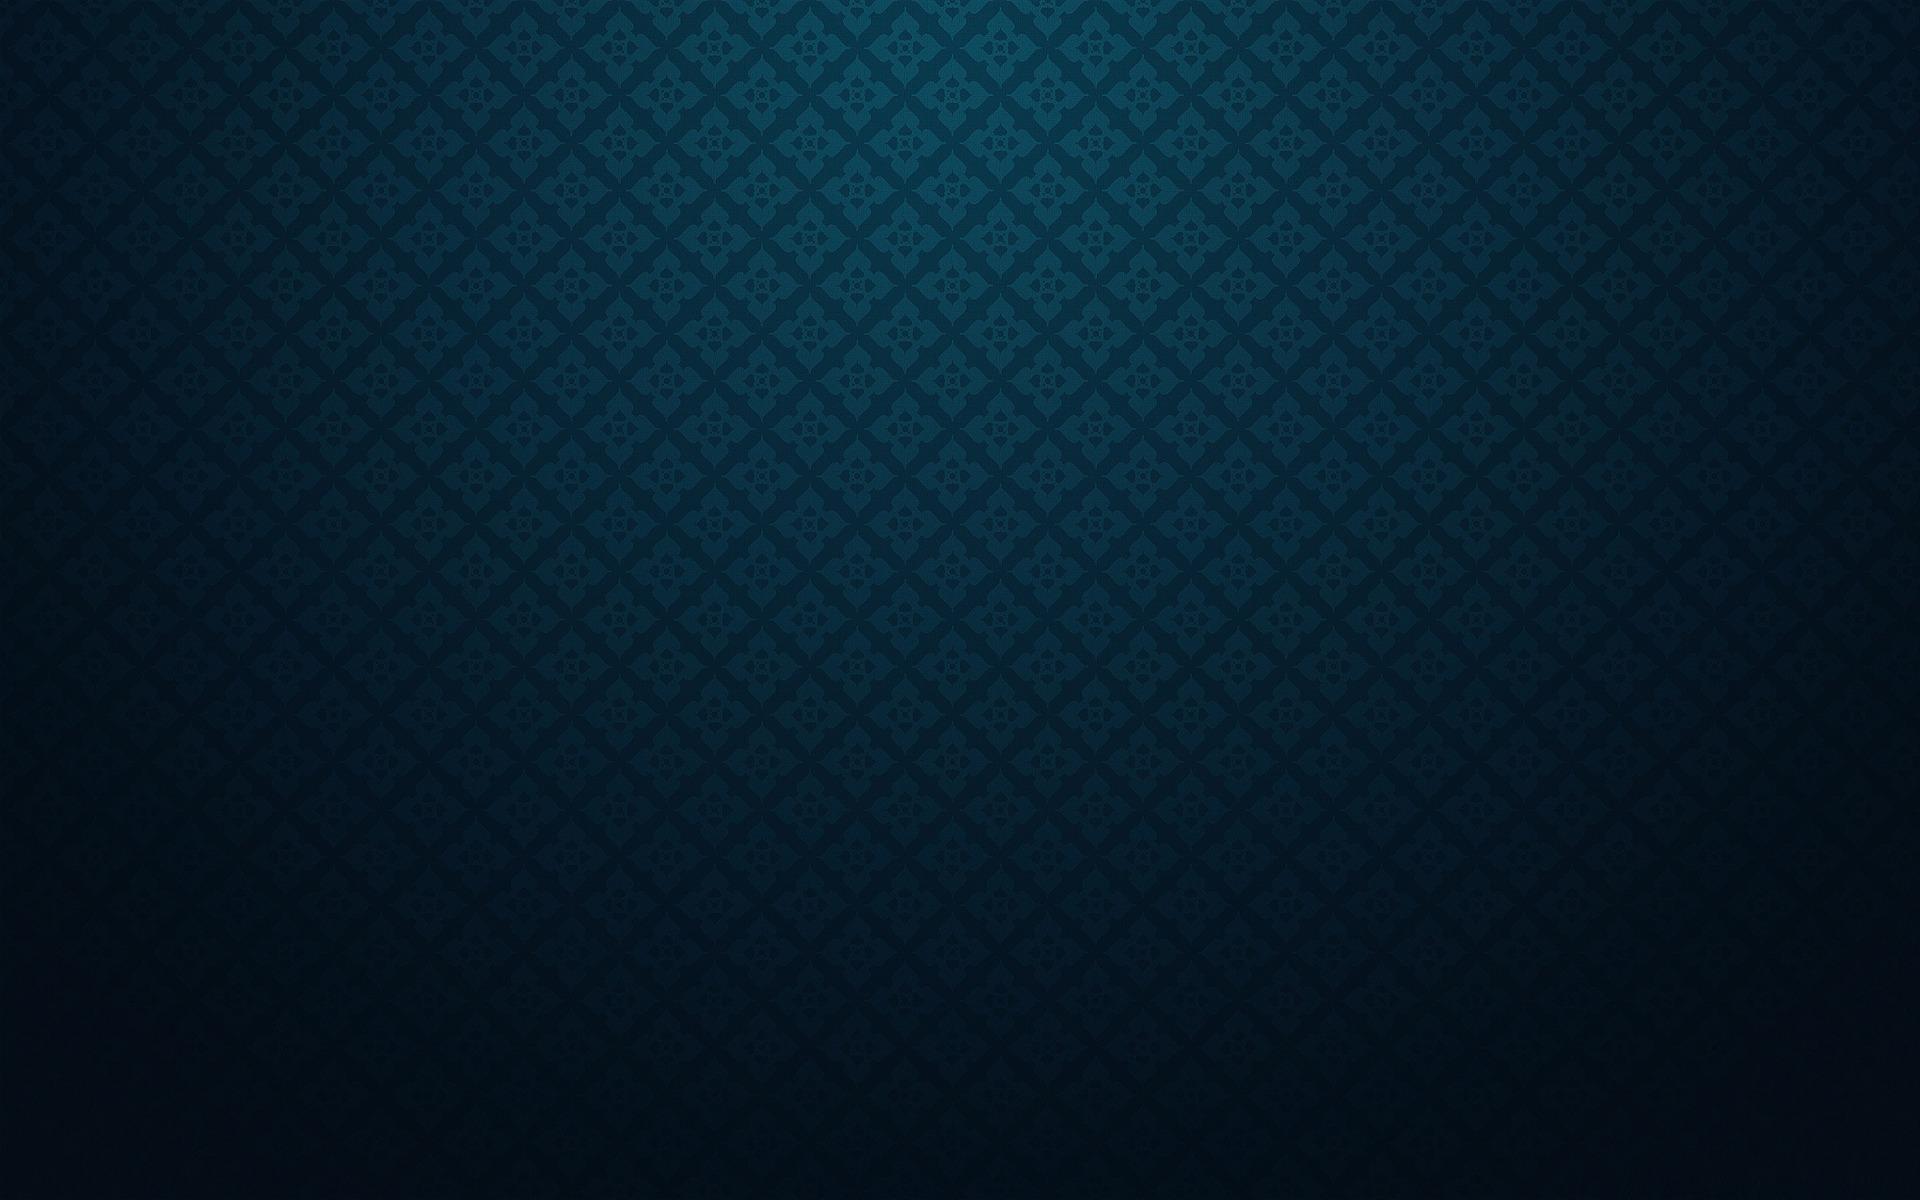 シンプルな壁 デザイン関連デスクトッププレビュー 10wallpaper Com